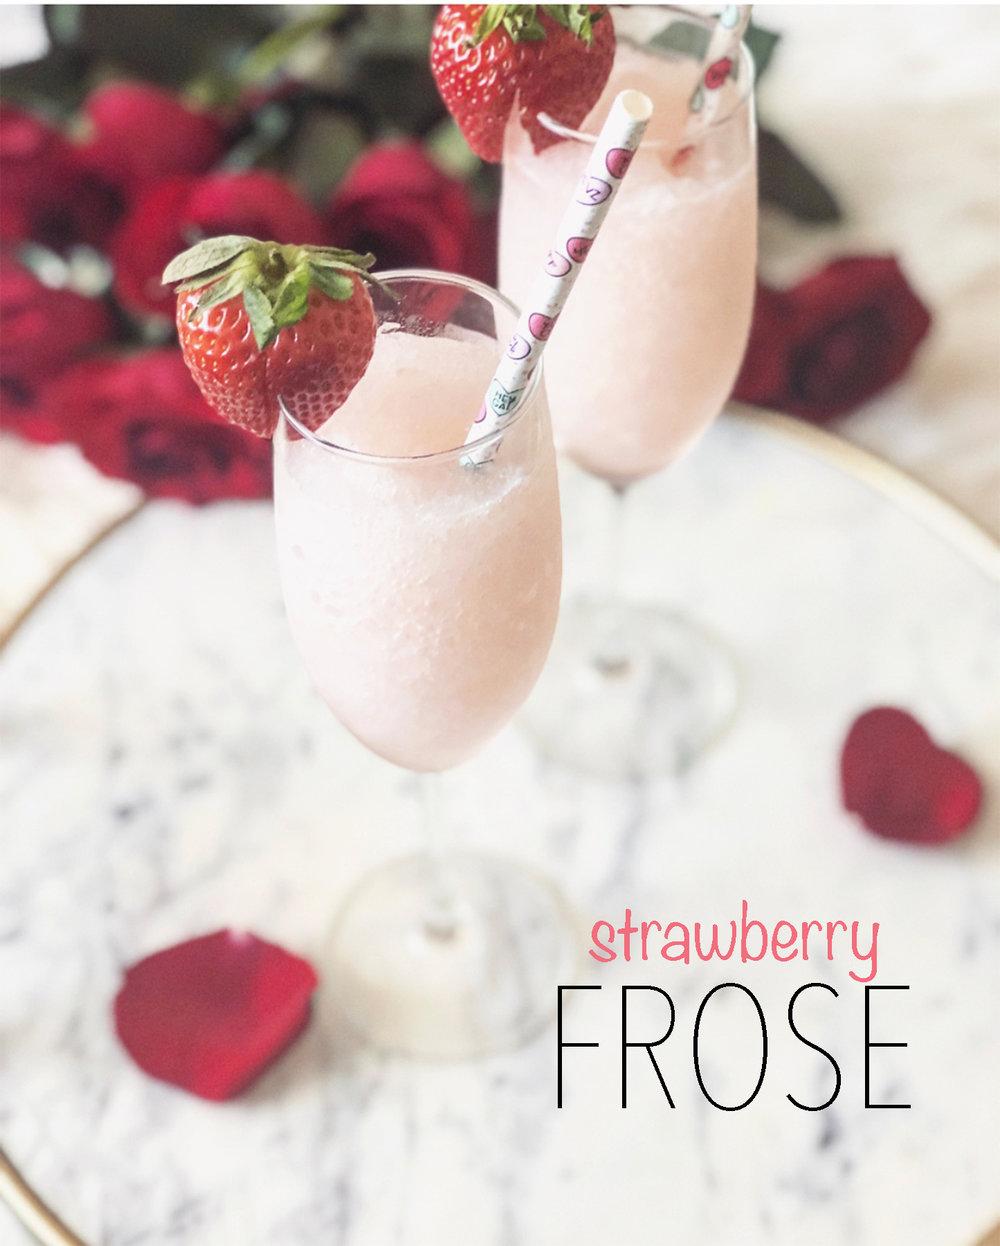 strawberryfrose.jpg